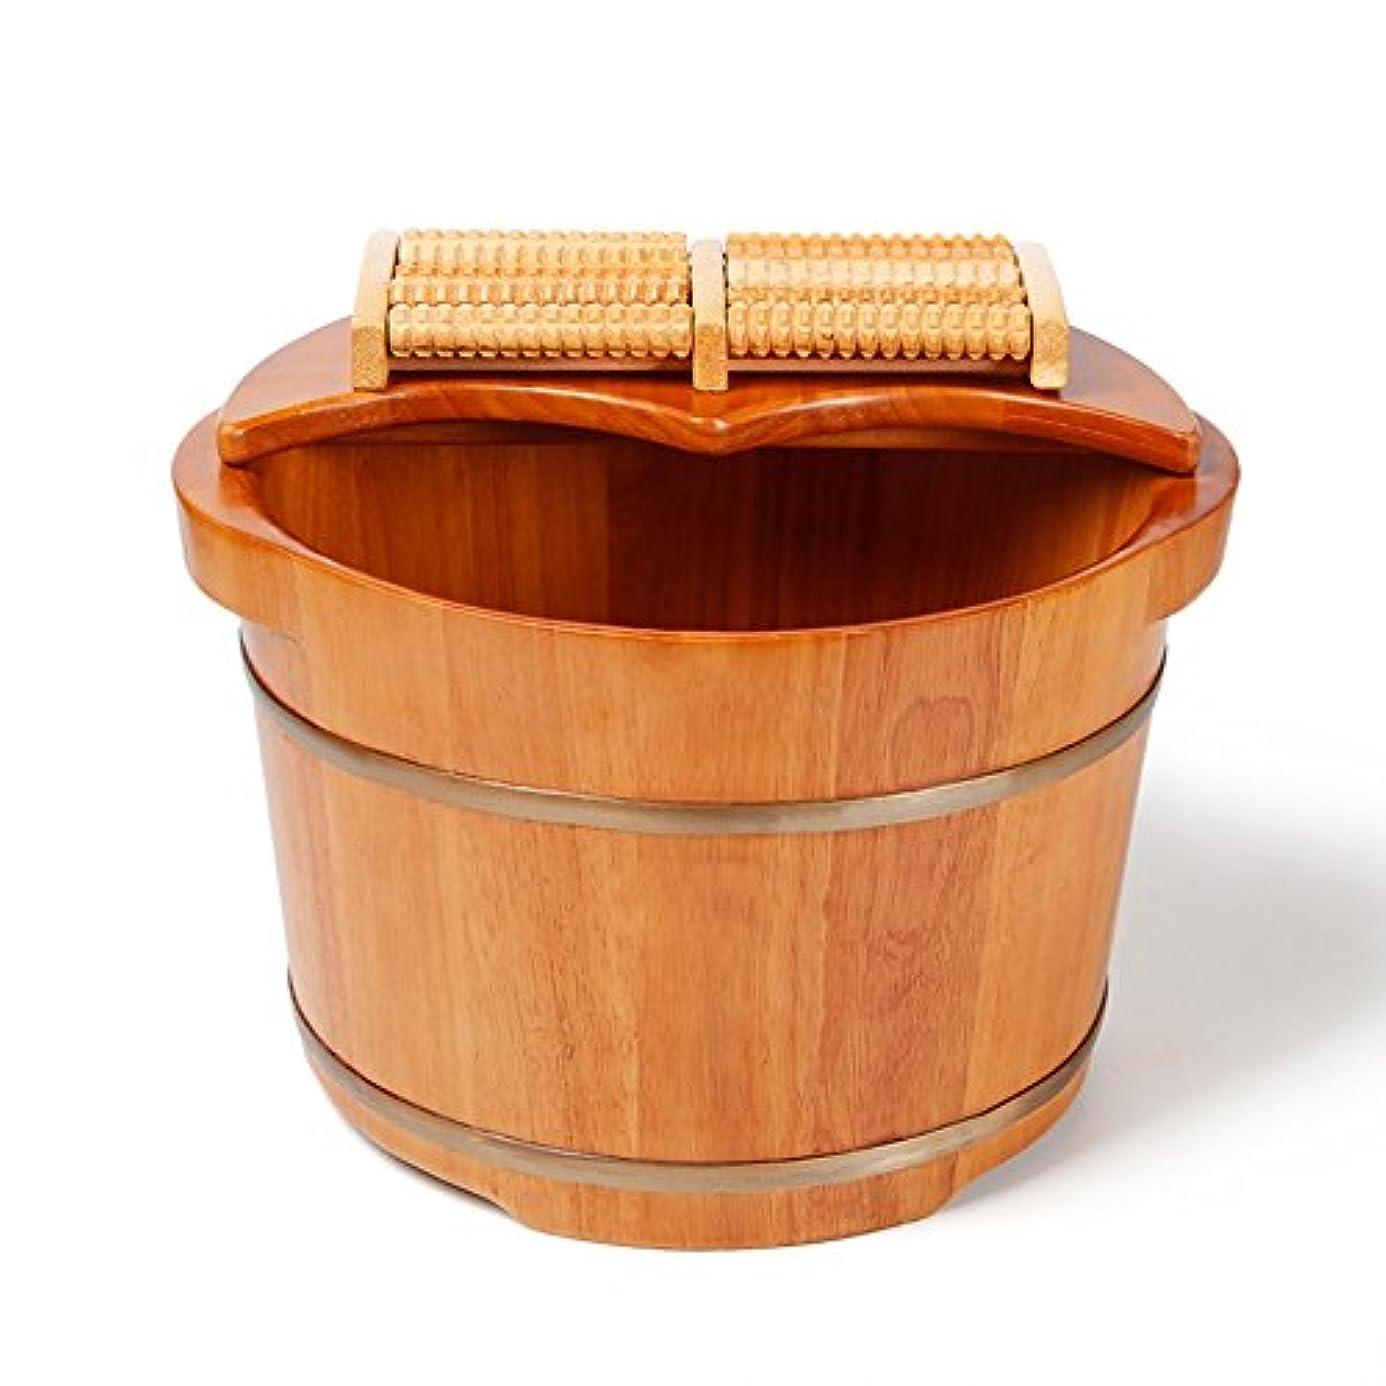 同盟カフェストレージC&L 足の浴槽、木製の足の洗面器足のバレルの足のマッサージの足の洗面器カバーの足の浴槽38 * 31 * 26cm ( サイズ さいず : 38*31*26cm )